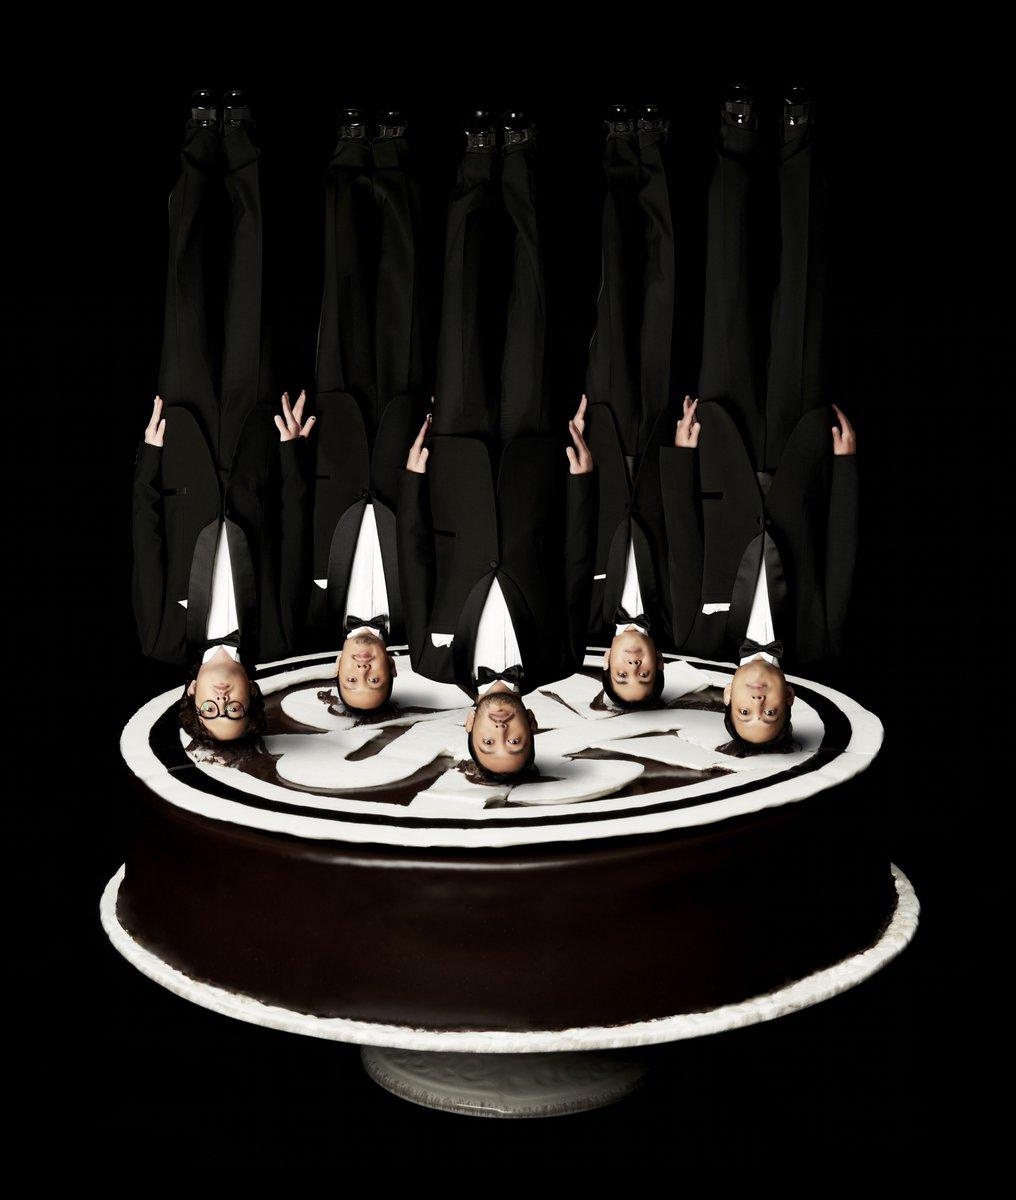 【速報】ORANGE RANGE、6年ぶりの「MUSIC STATION」出演がきまりました。8月1…